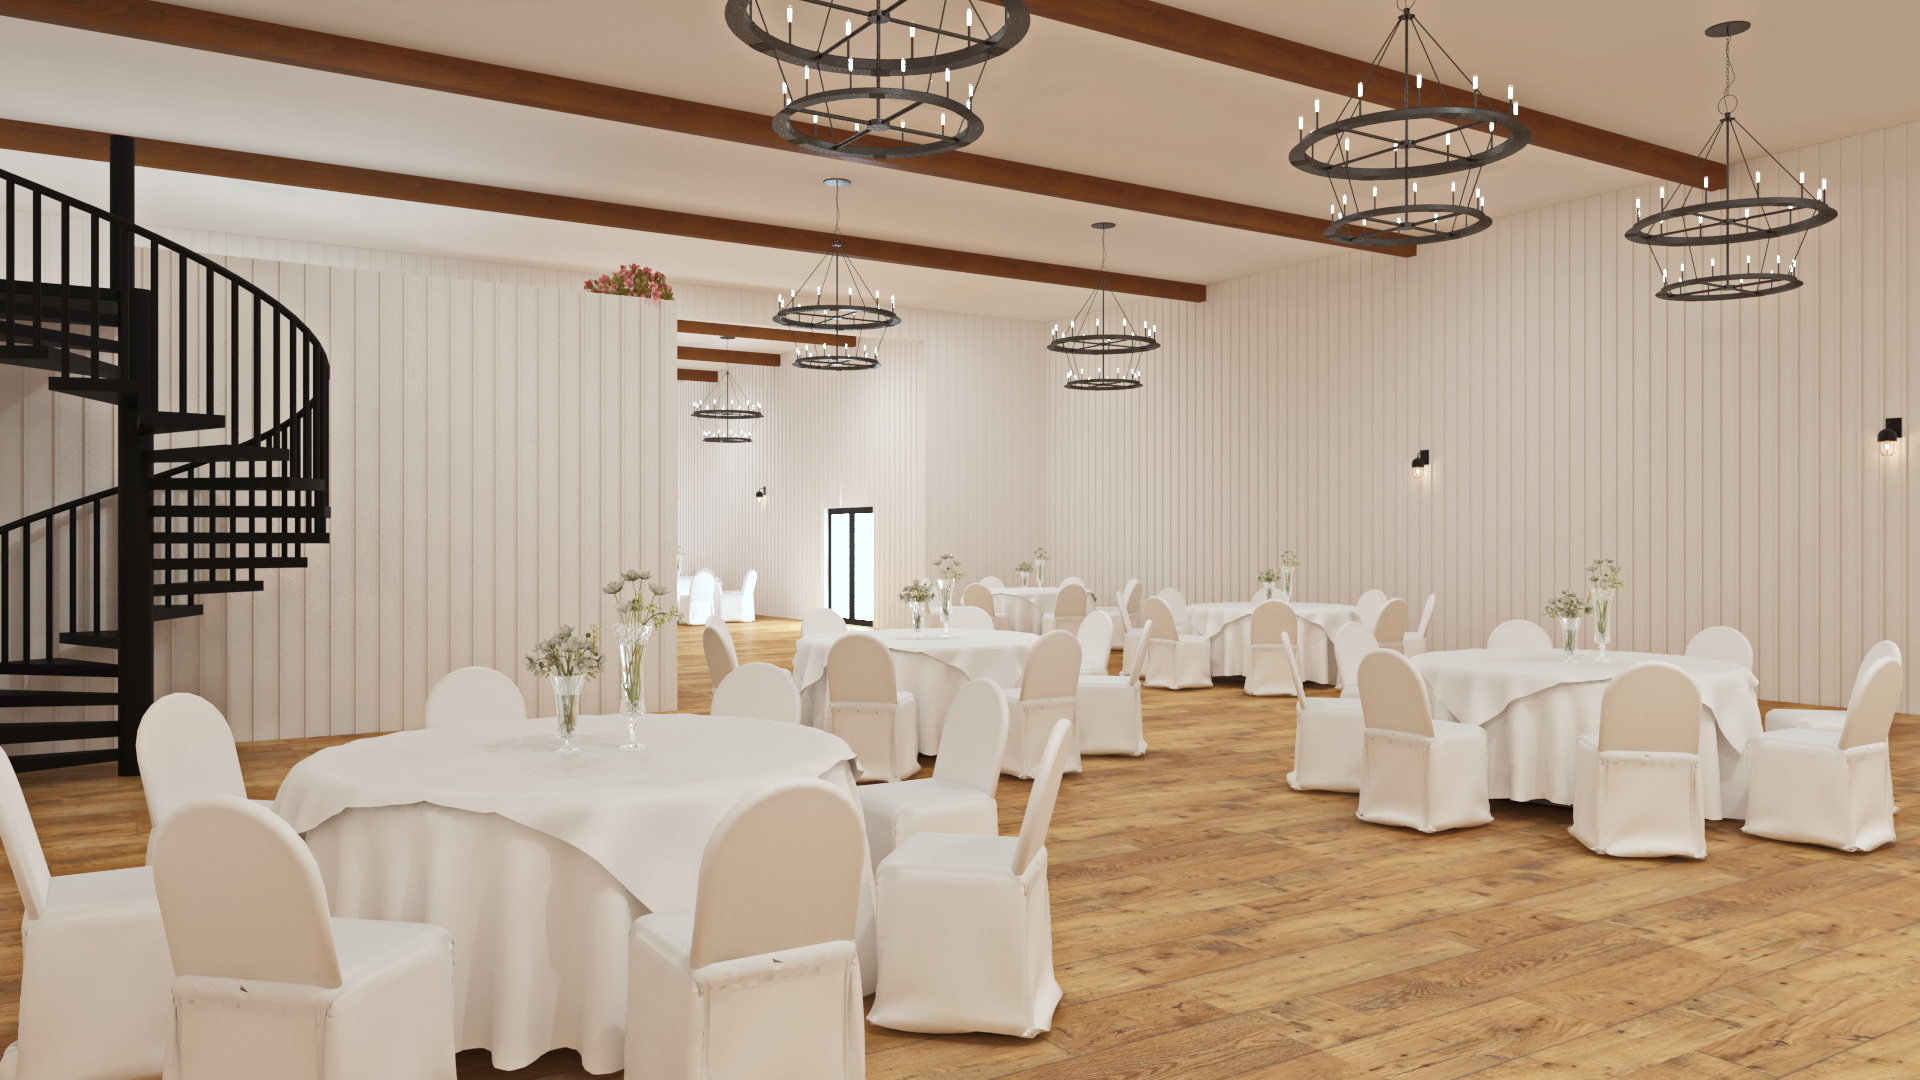 Banquet  interior 04 05-15-2020.jpg